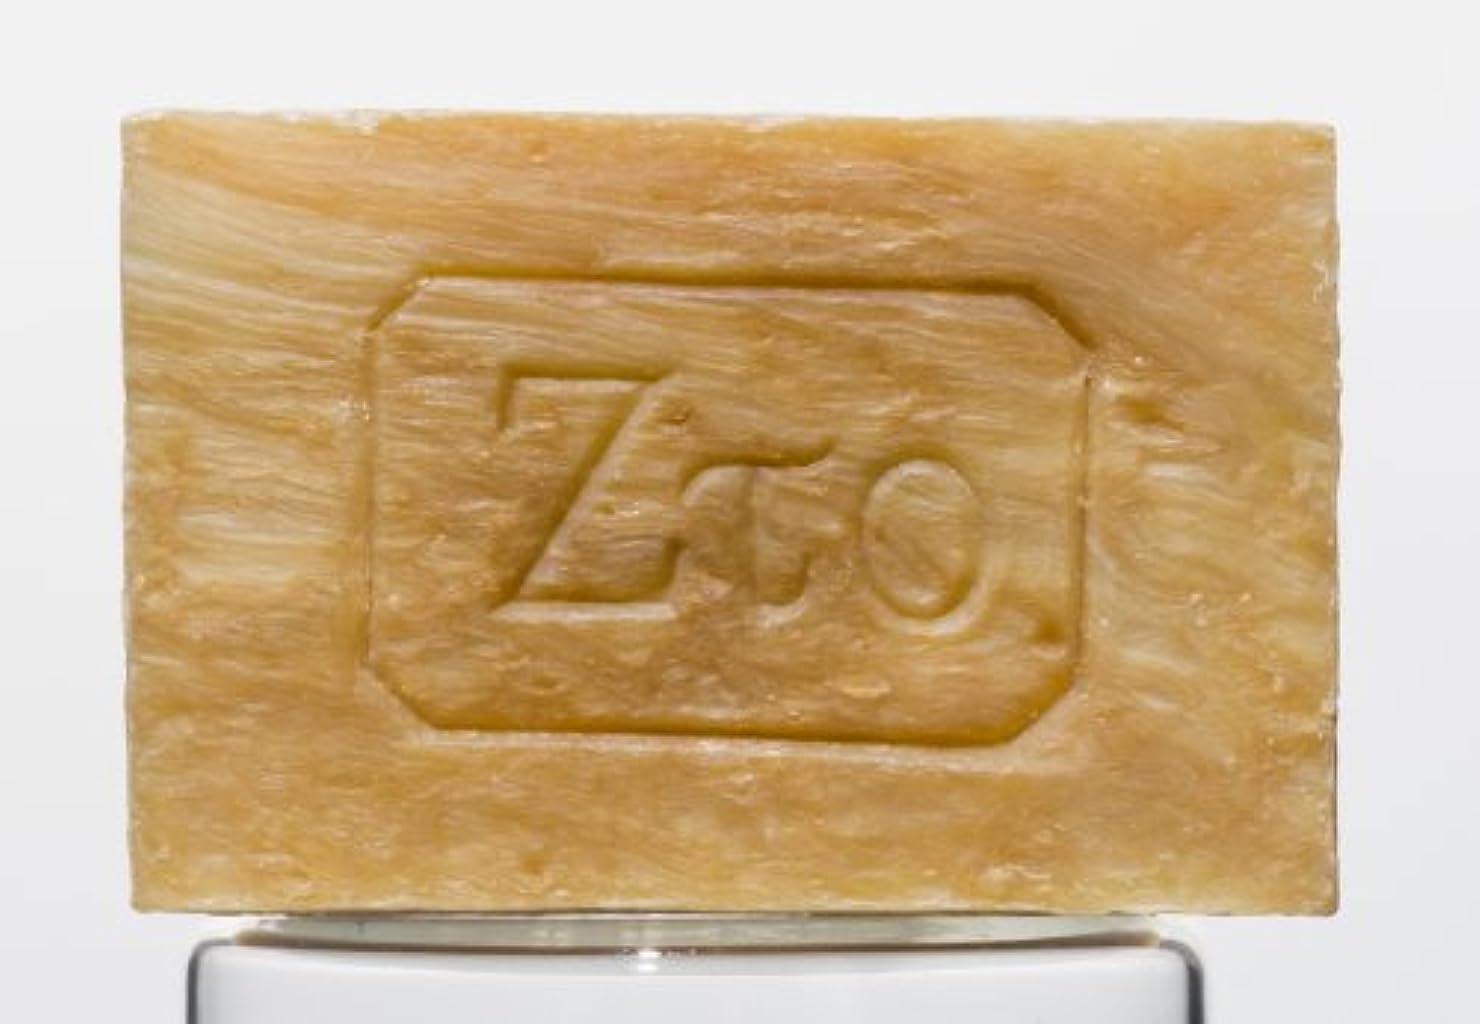 前提条件硬化するながらZto モイスチュアソープ